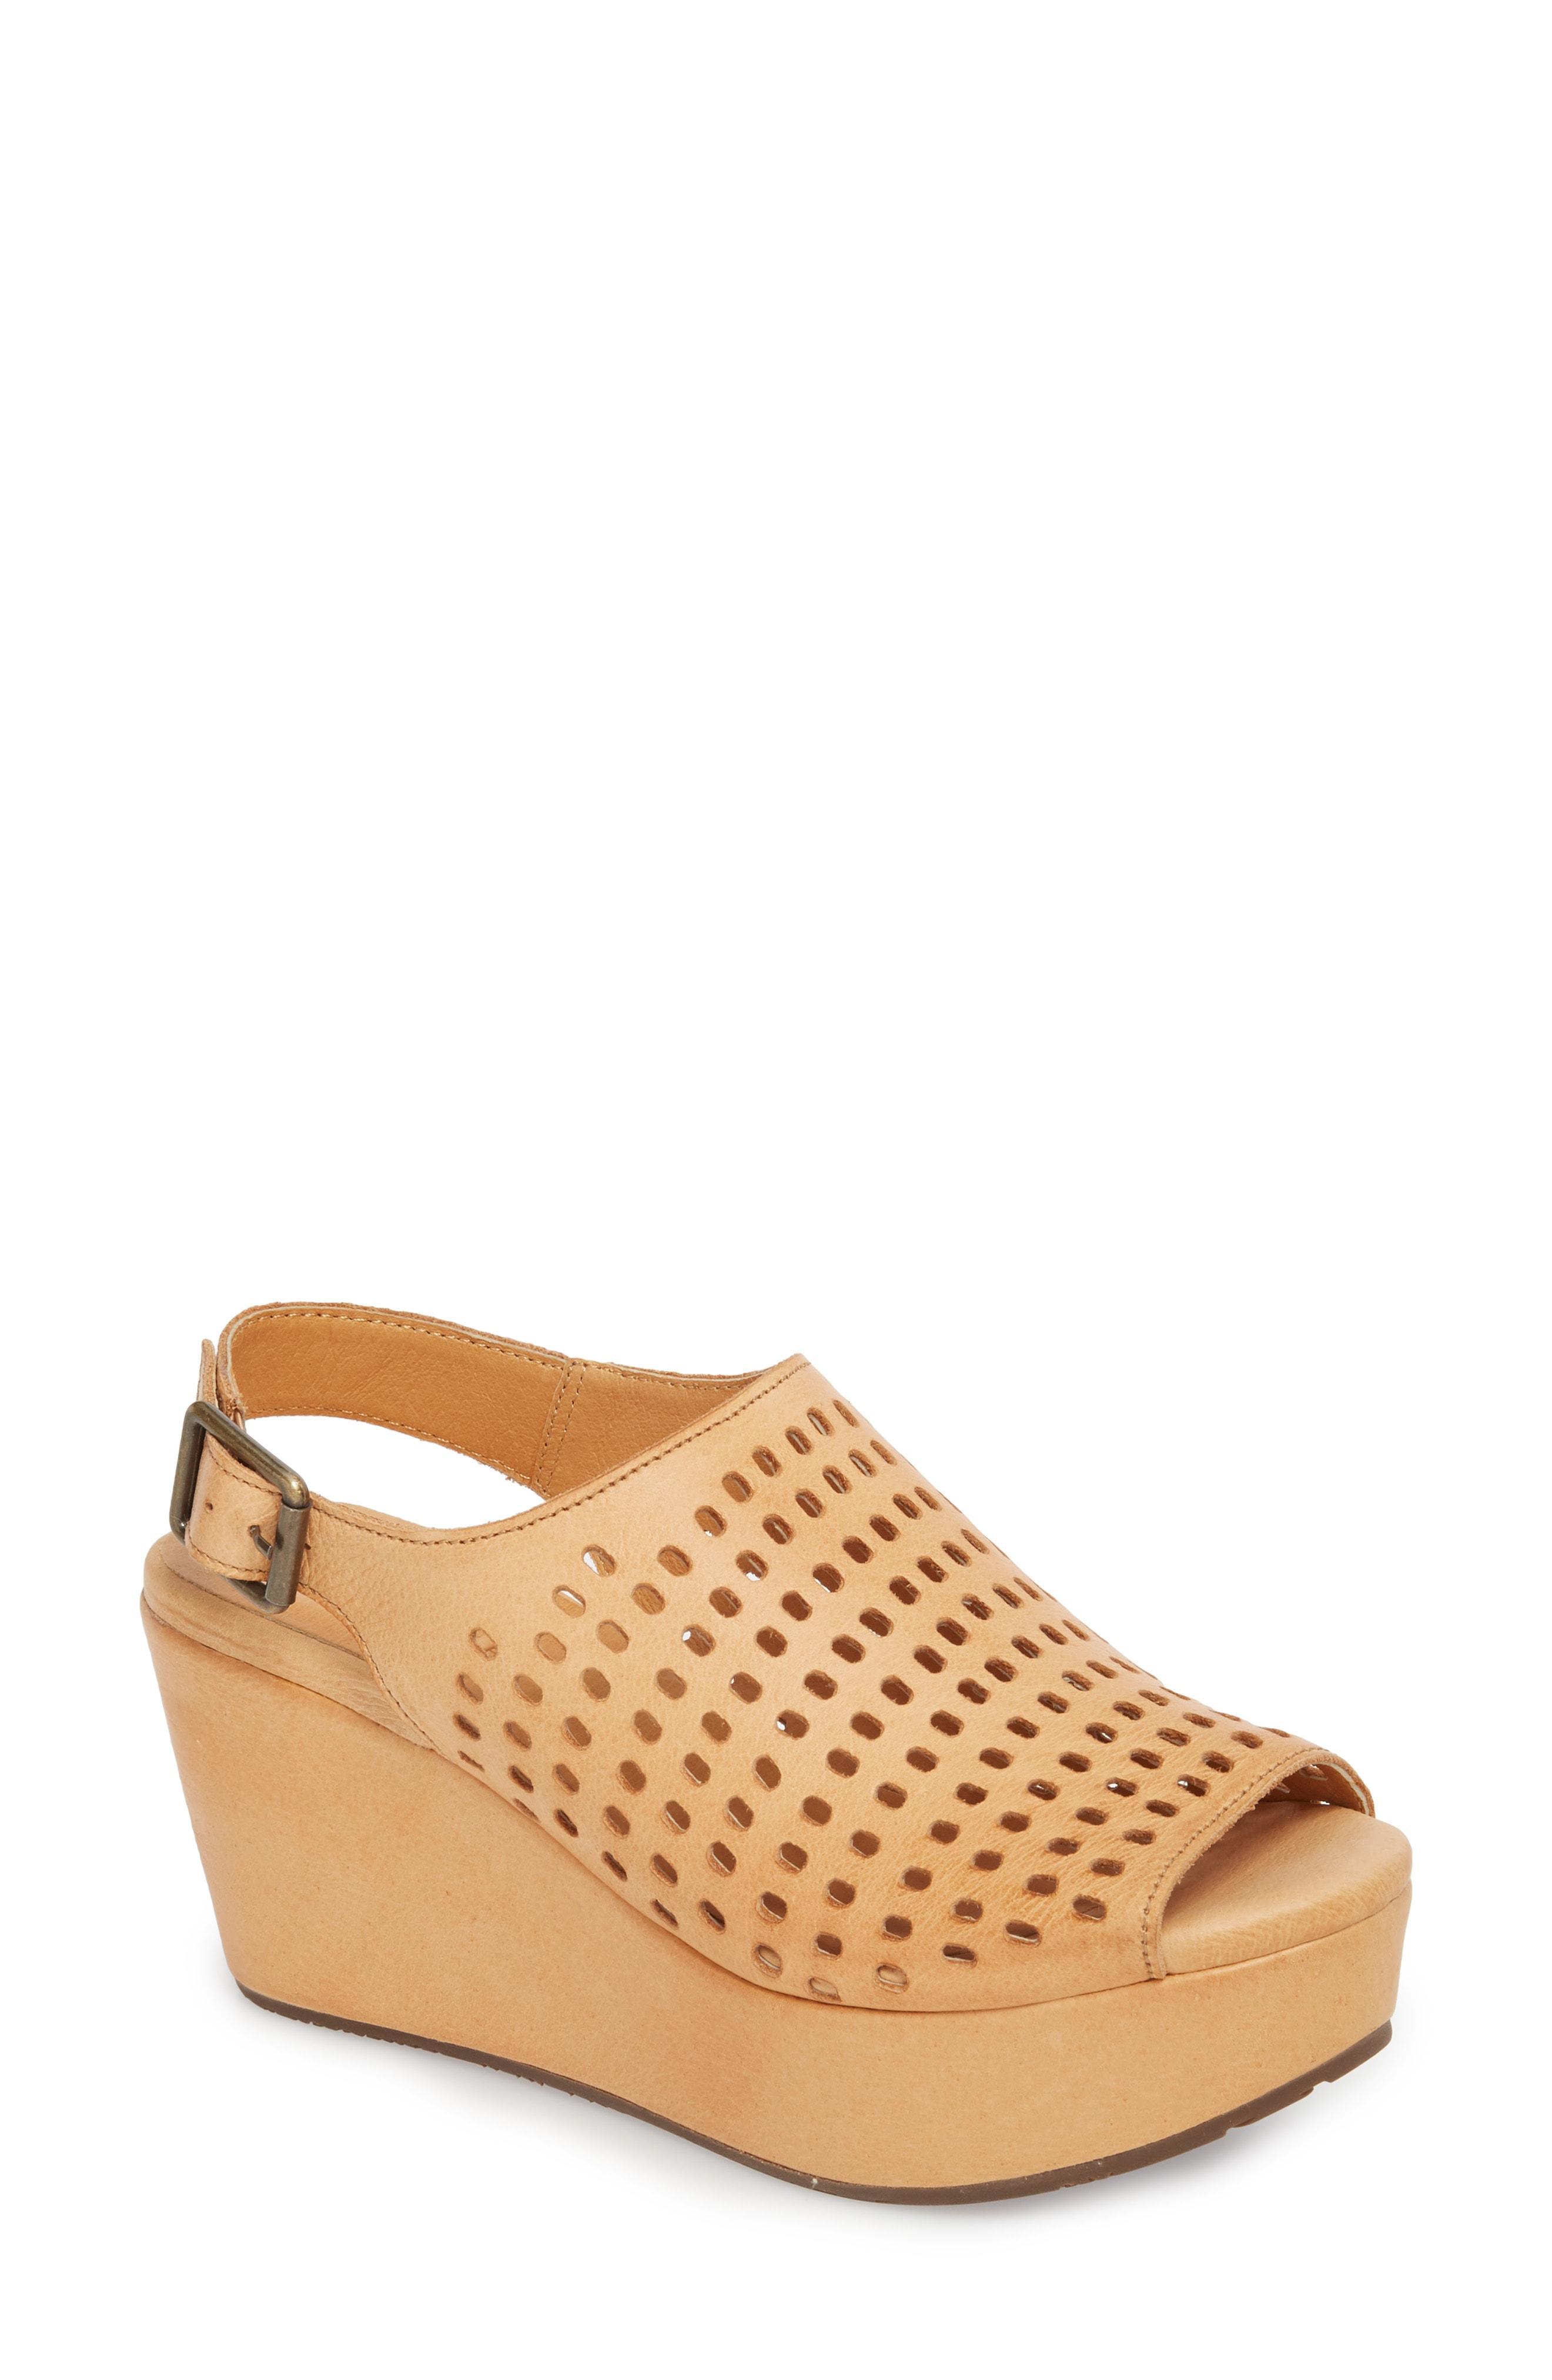 56452548c1d4 Lyst - Chocolat Blu Wally Platform Wedge Sandal in Brown